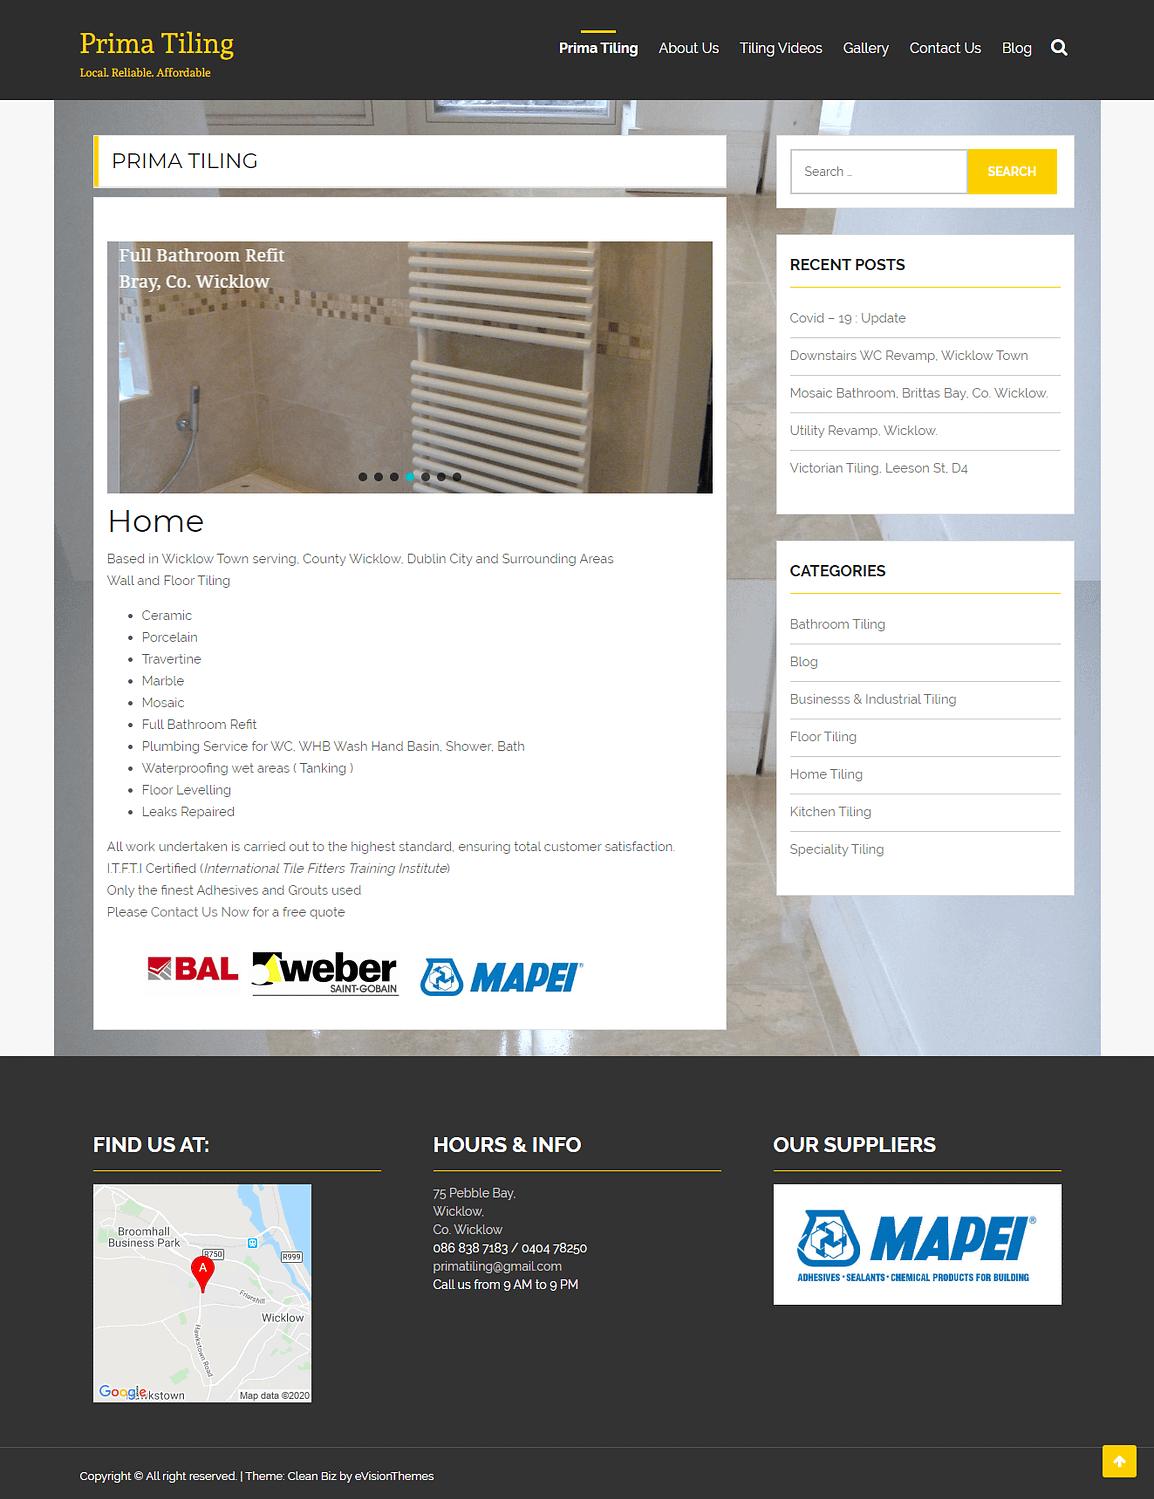 Prima Tiling - Prima Tiling